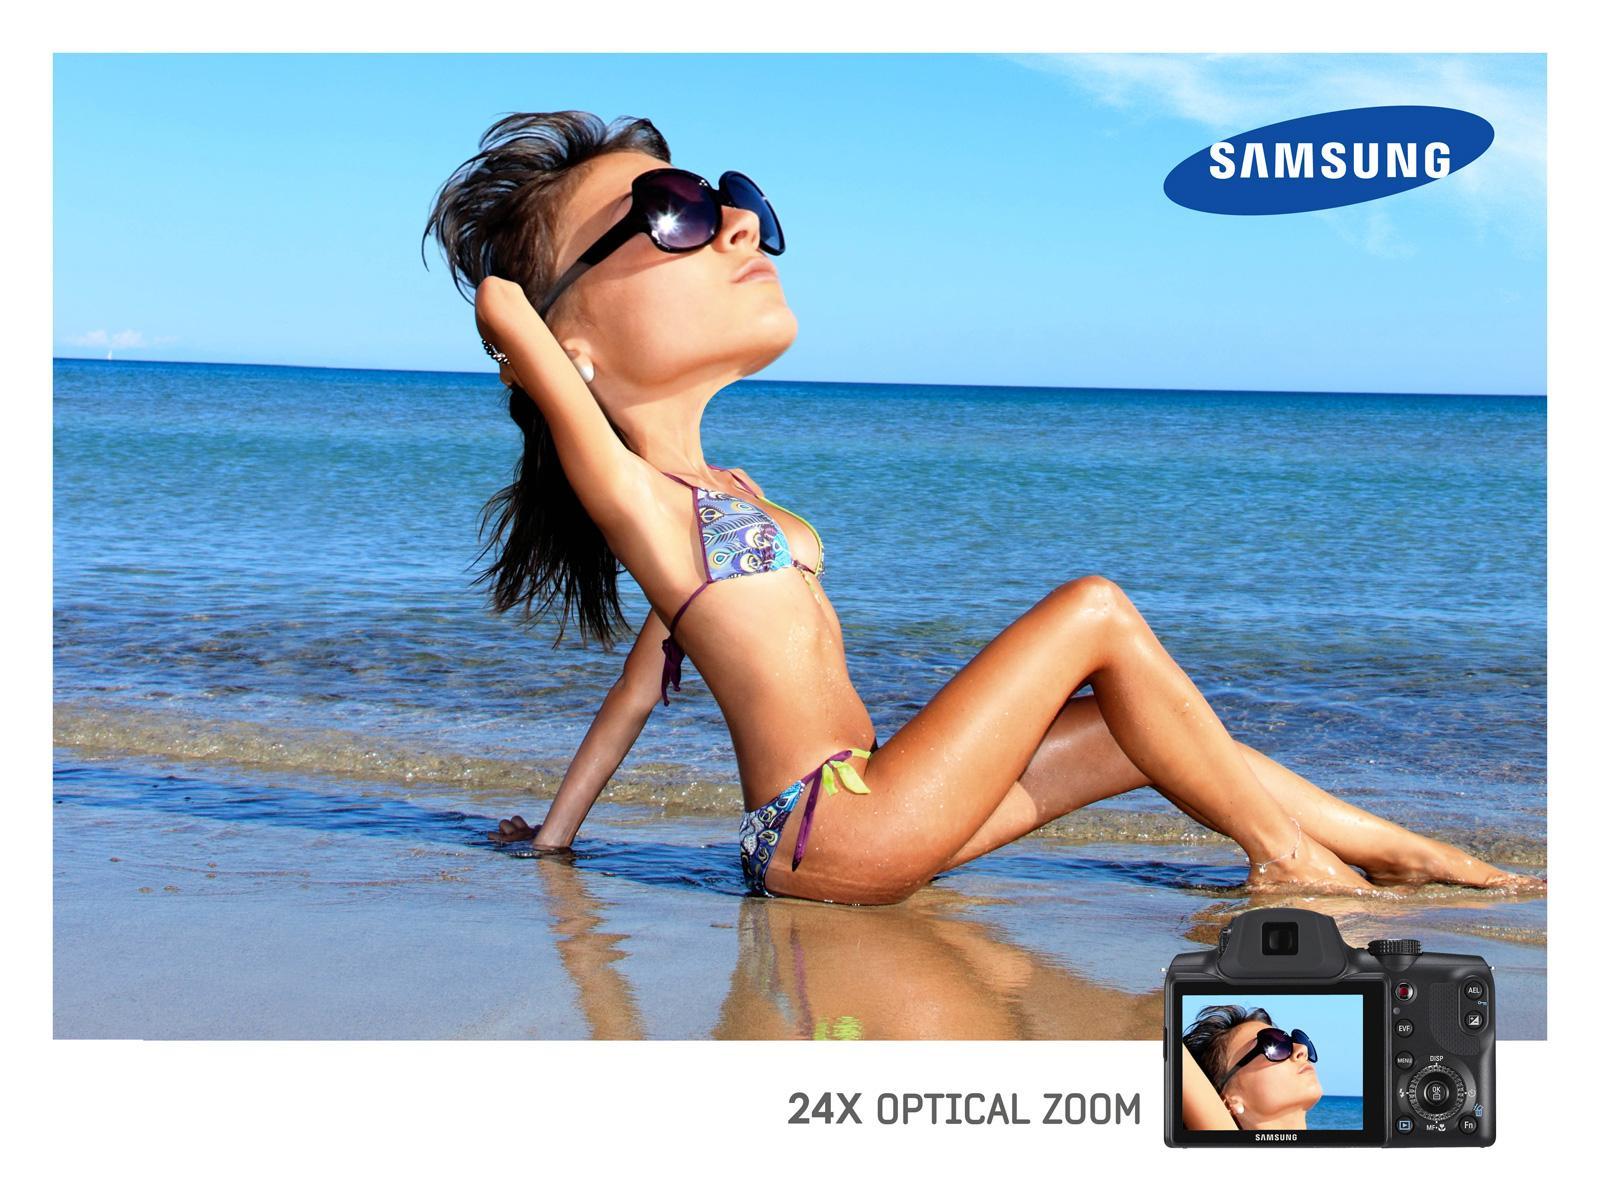 Samsung Print Ad -  Optical Zoom, Beach